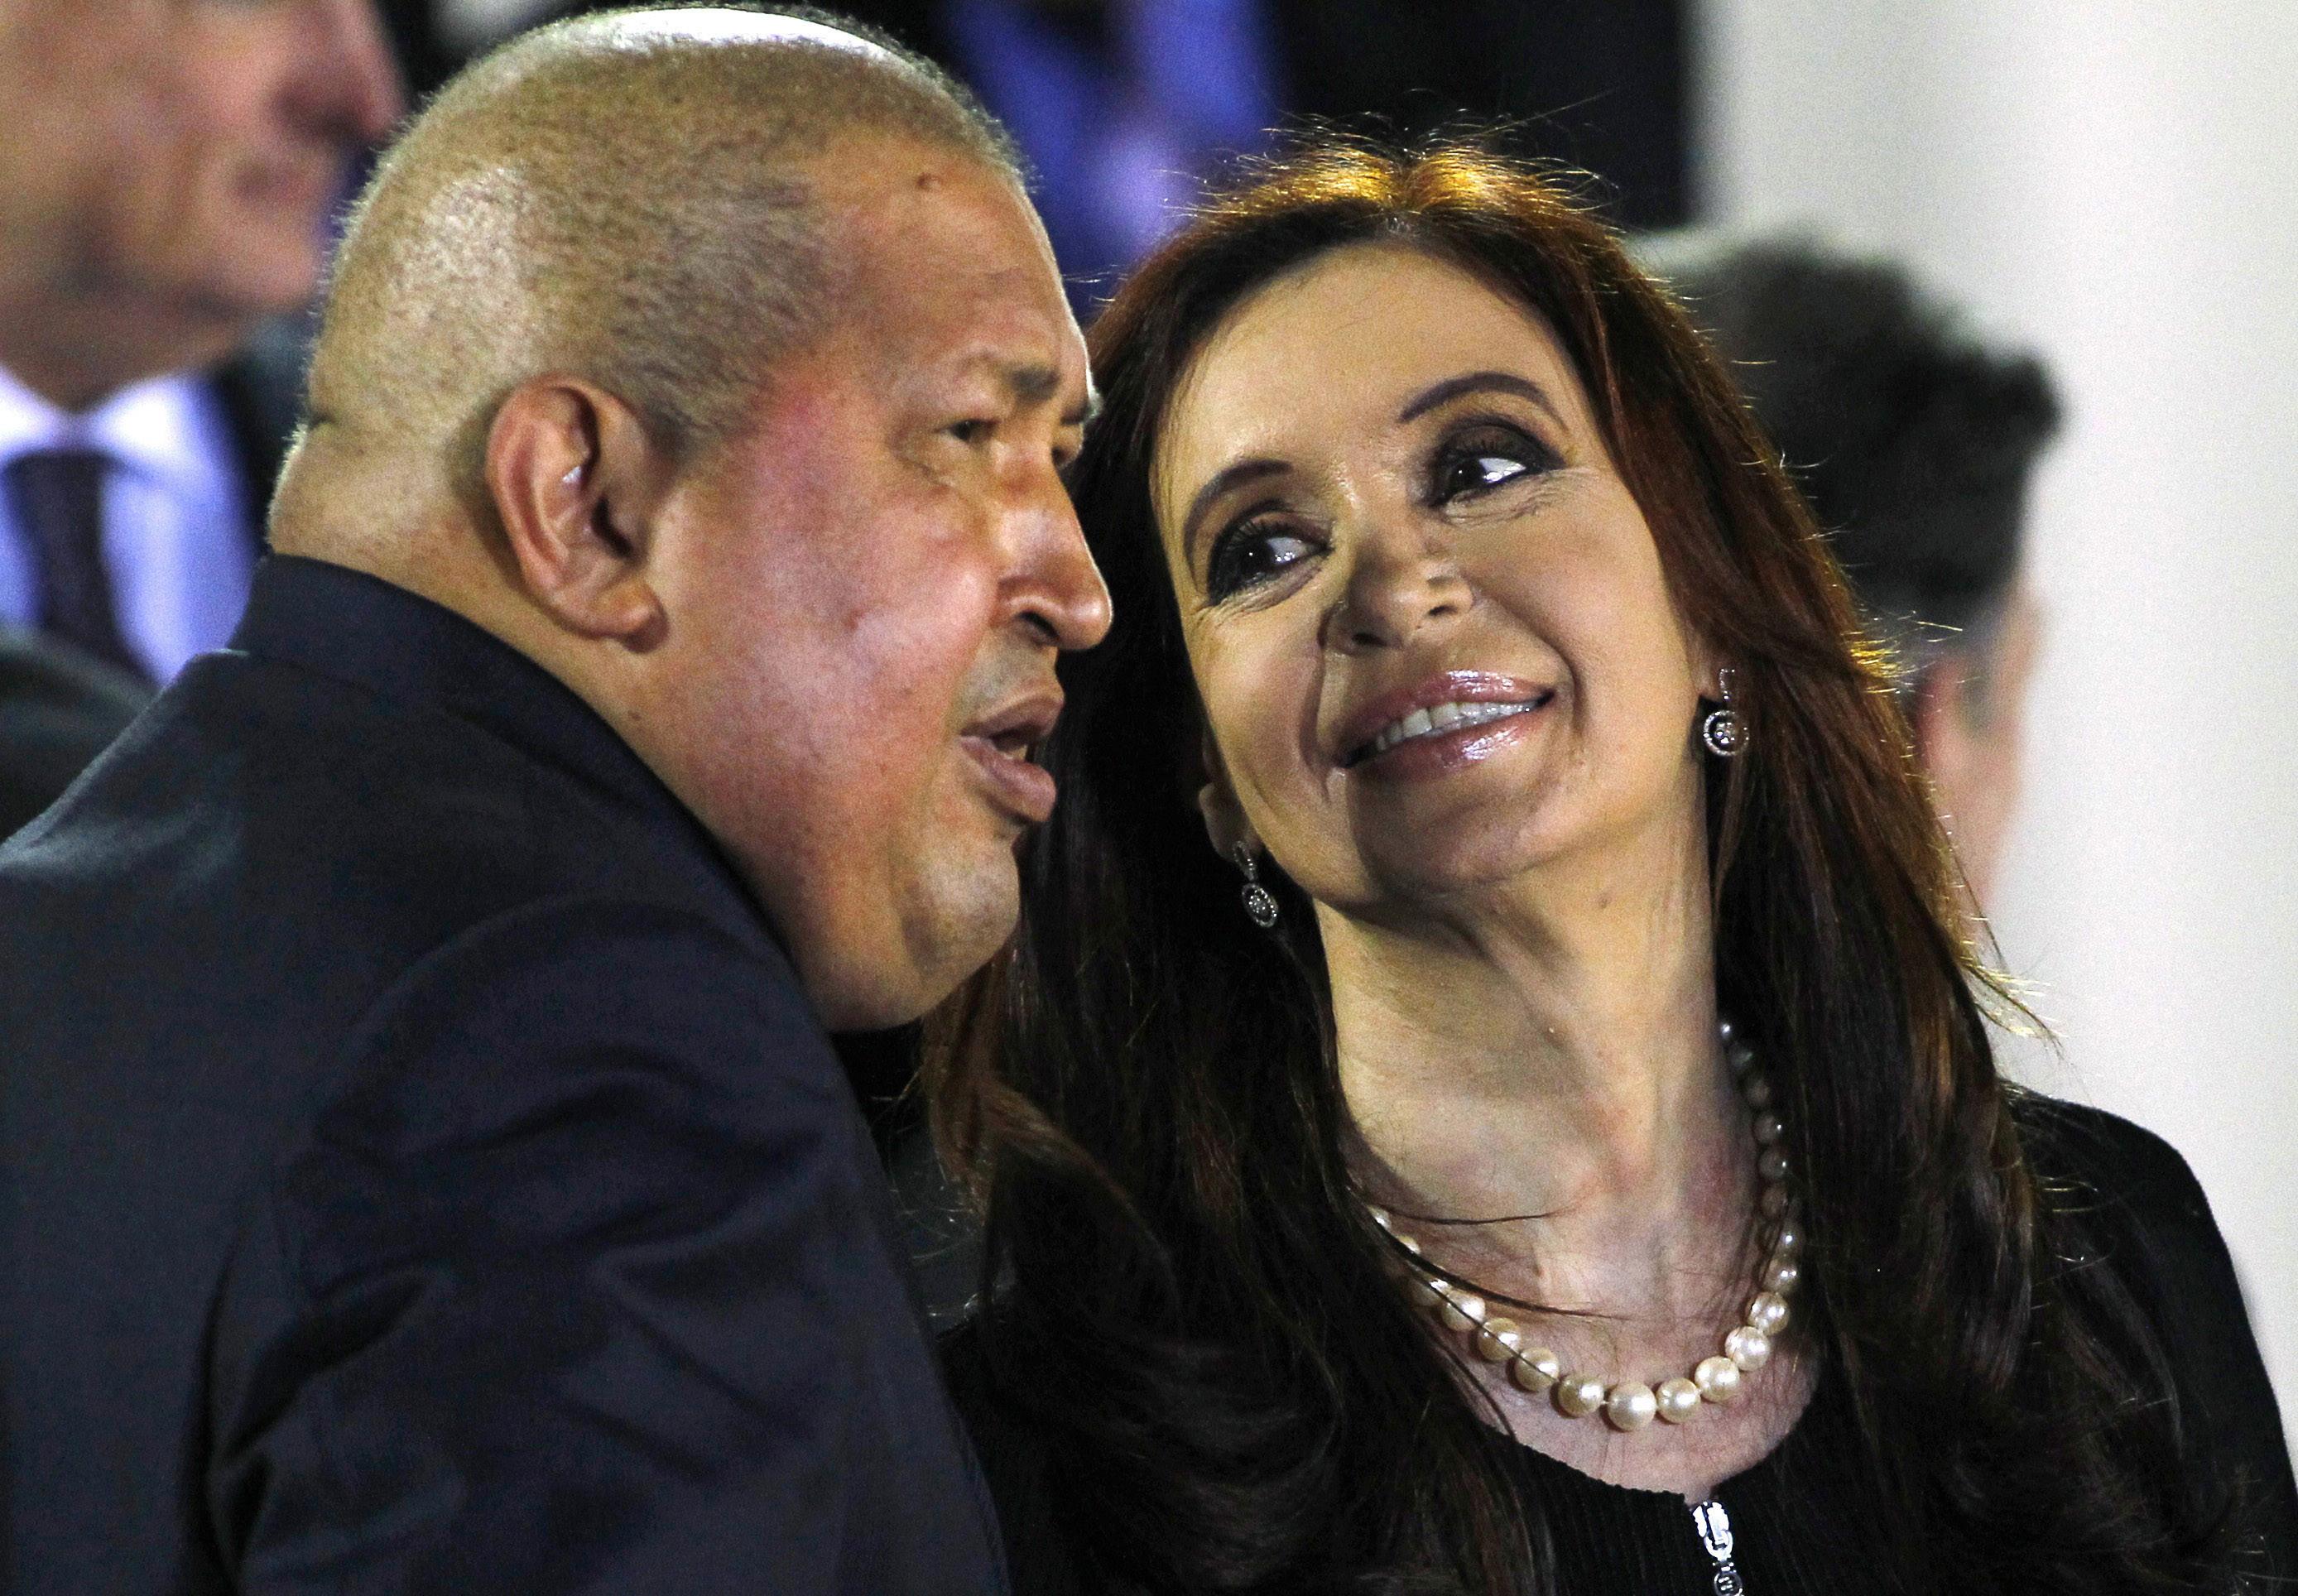 Escándalo en Argentina: Chávez, la embajada paralela y el pago de sobornos que salpican a Cristina Fernández